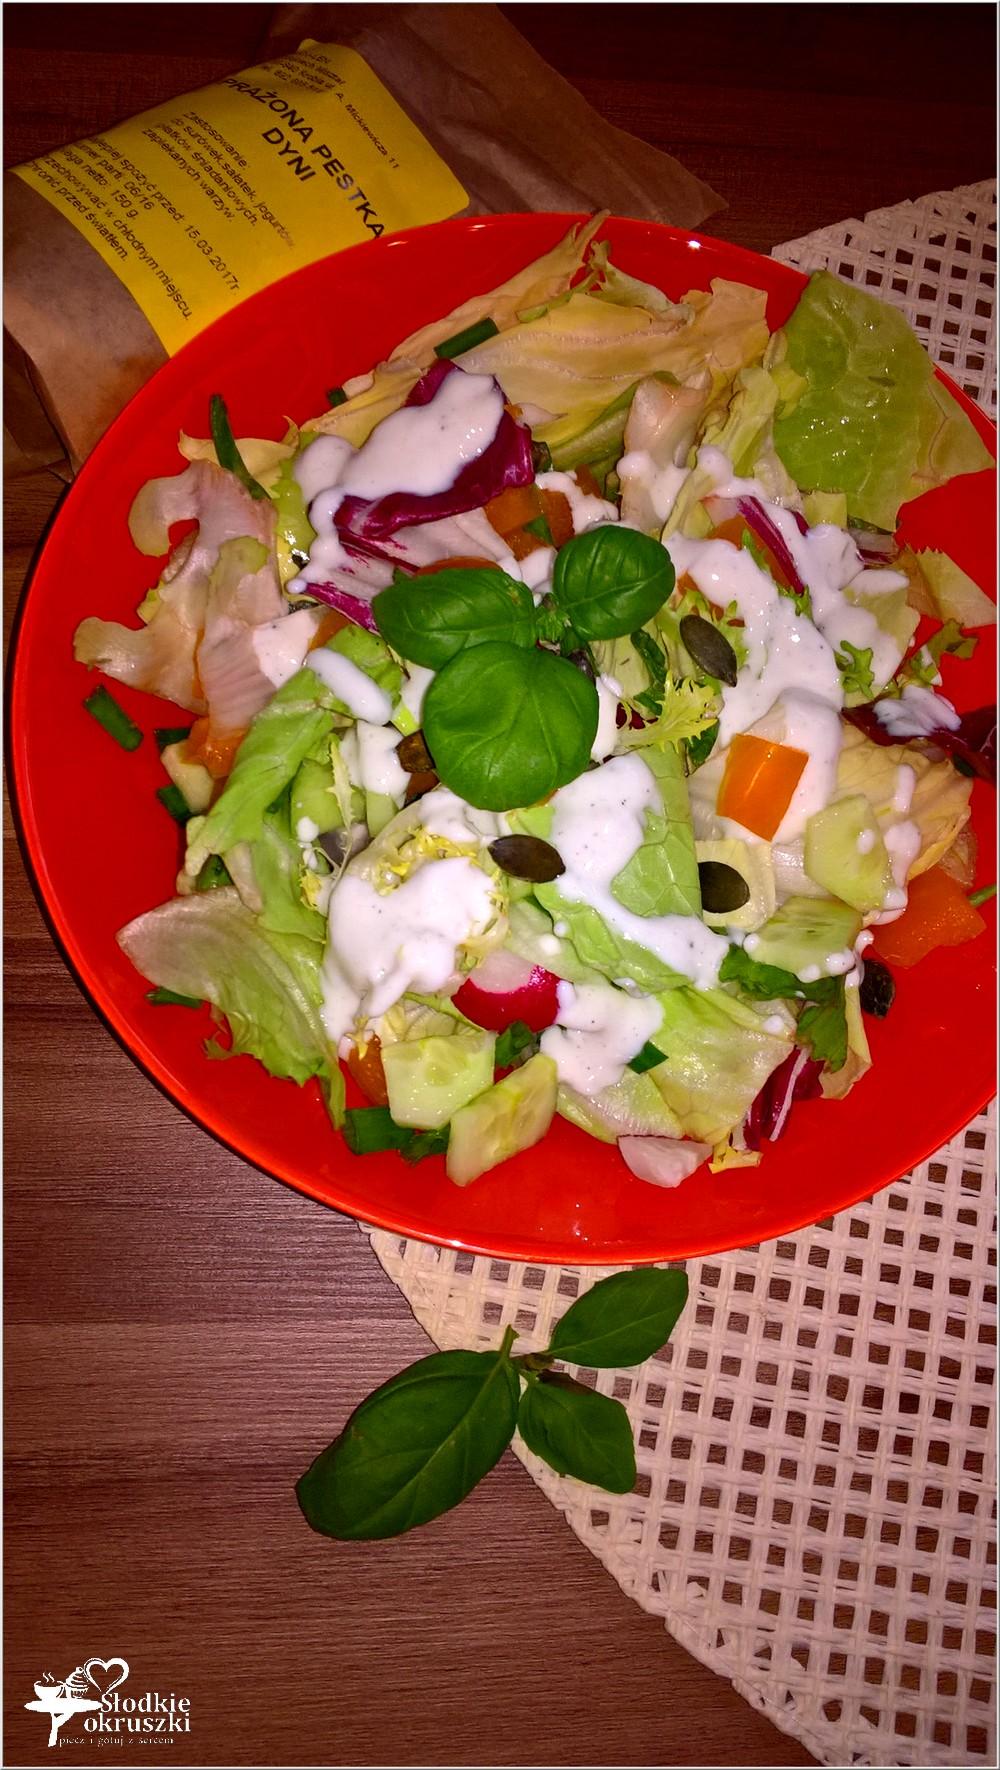 szybka-salatka-w-lekkim-sosie-czosnkowym-z-pestkami-dyni-2